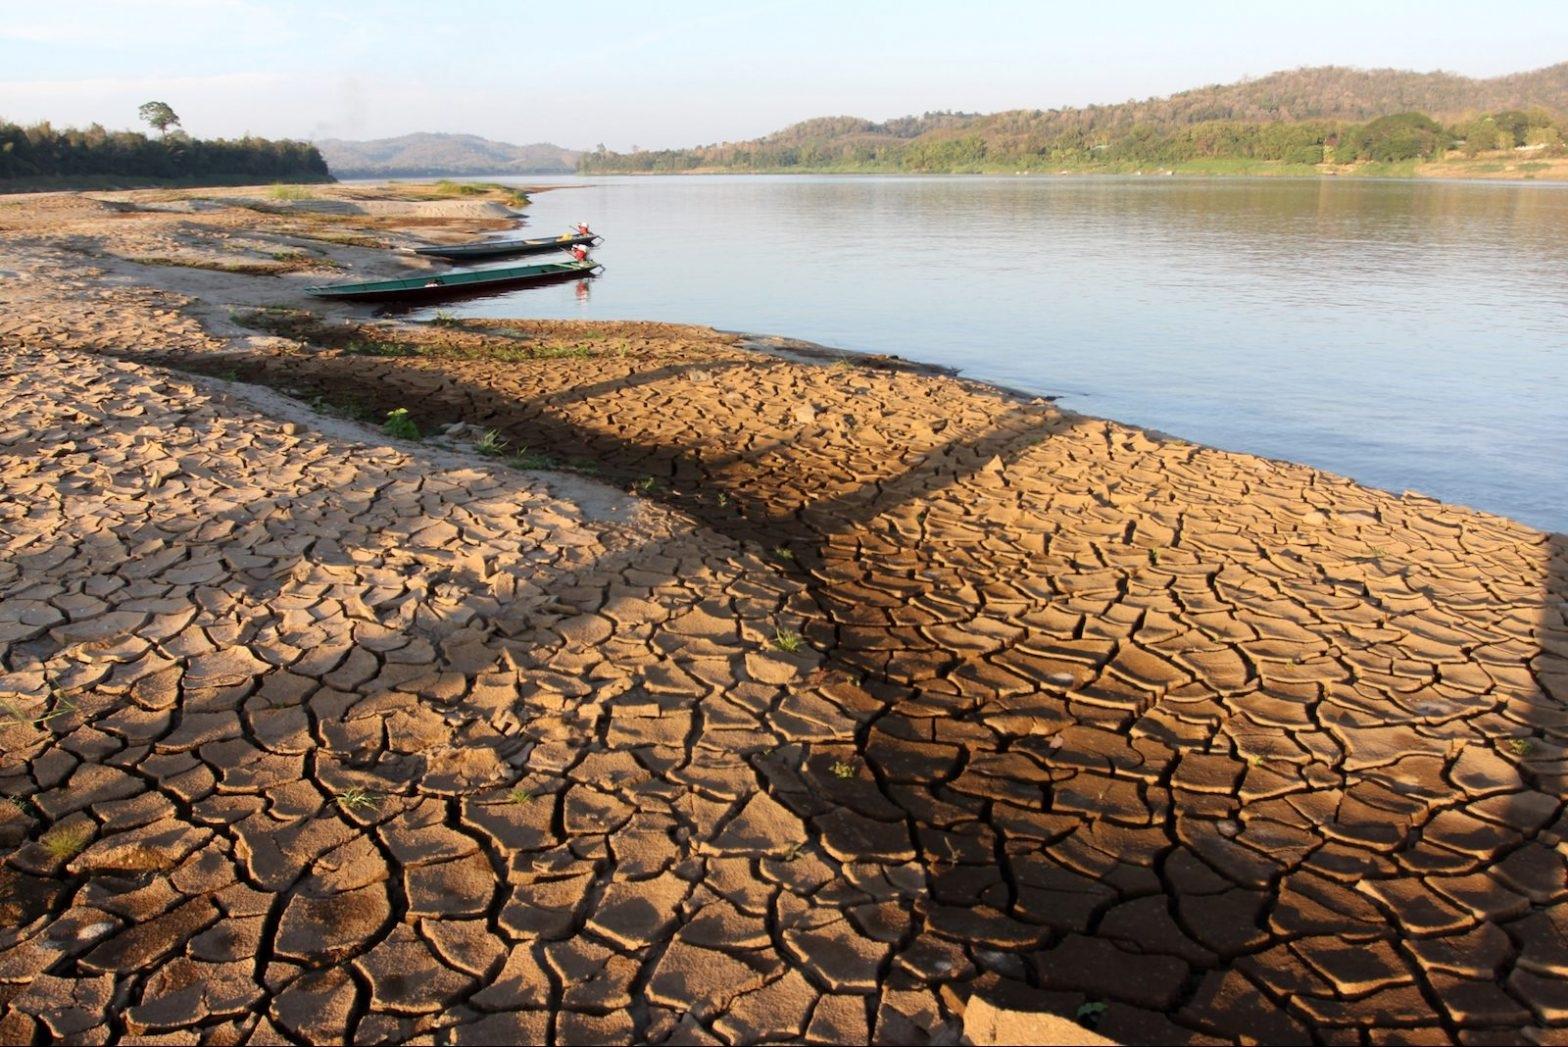 """Hiểm họa """"cuộc chiến nước"""" từ các đập thủy điện của Trung Quốc trên sông Mekong - 2"""